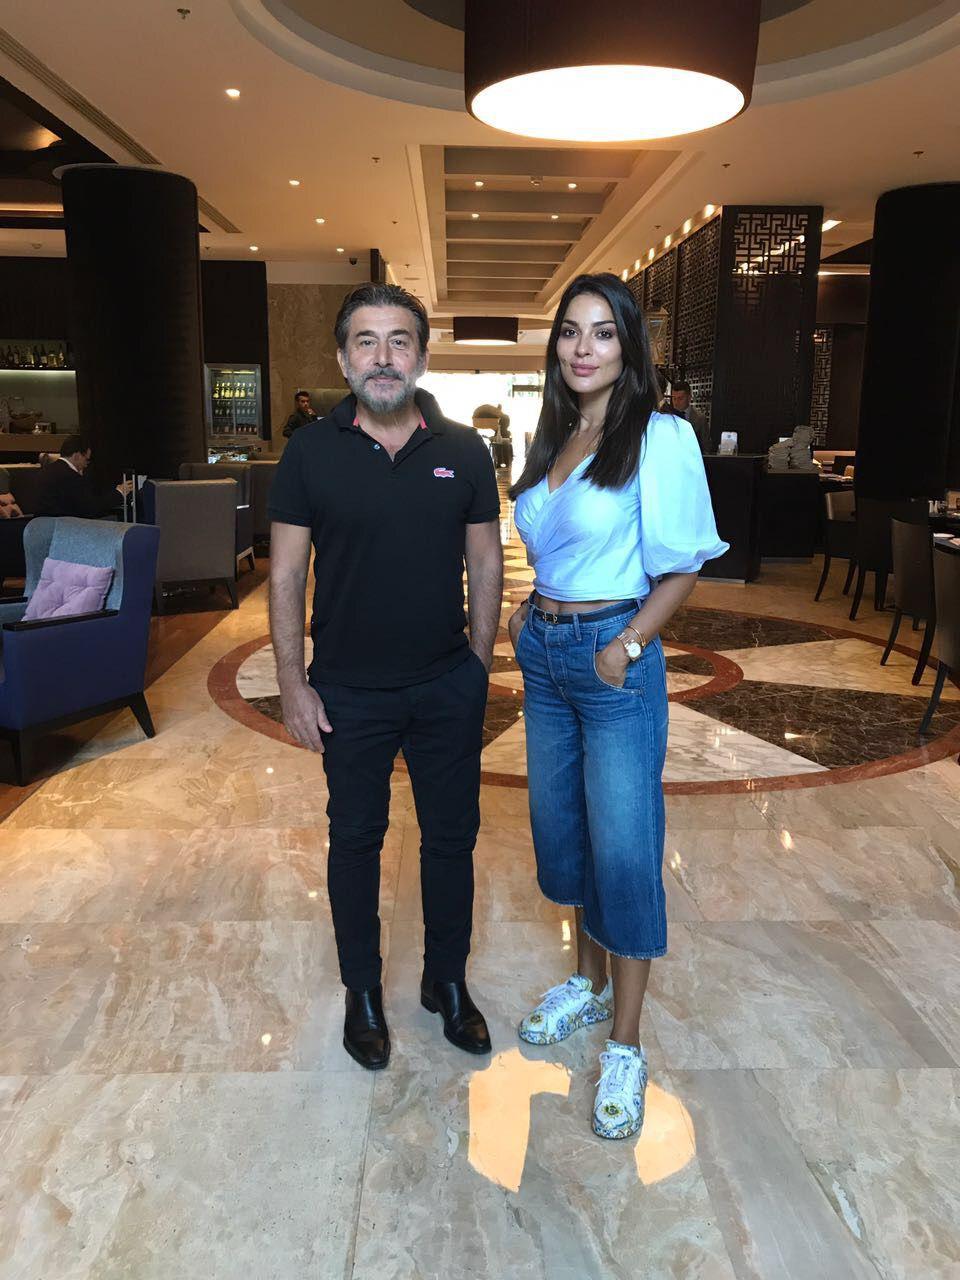 النجم السوري عابد فهد والنجمة اللبنانية نادين نجيم